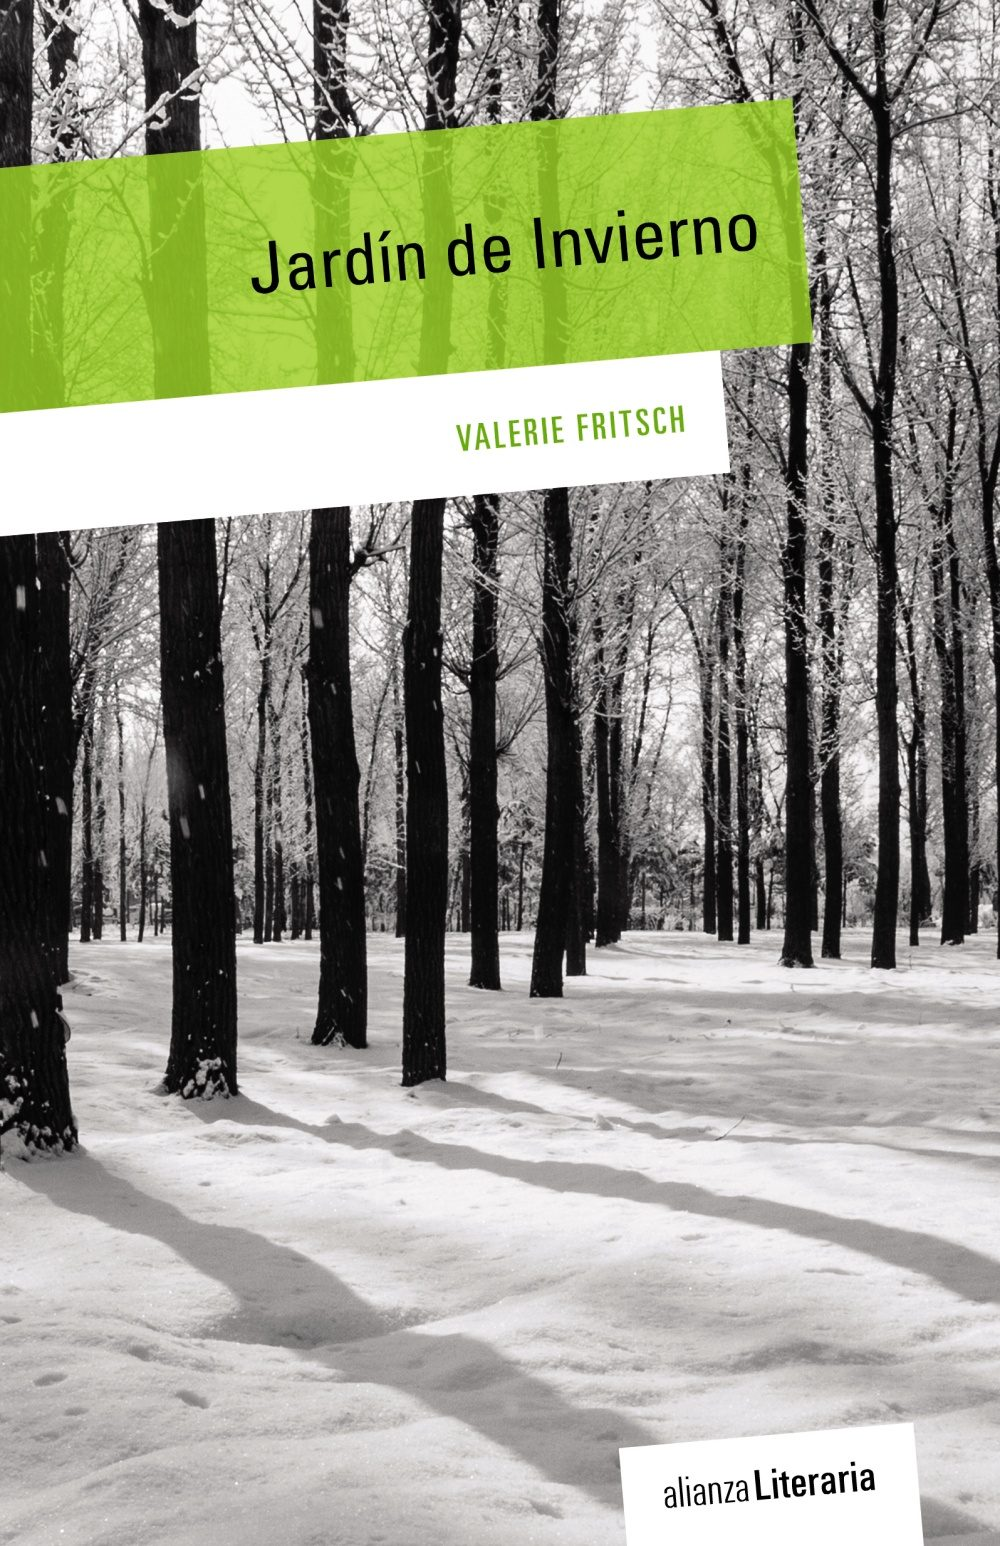 Tiempo literario jard n de invierno - Jardin de invierno ...